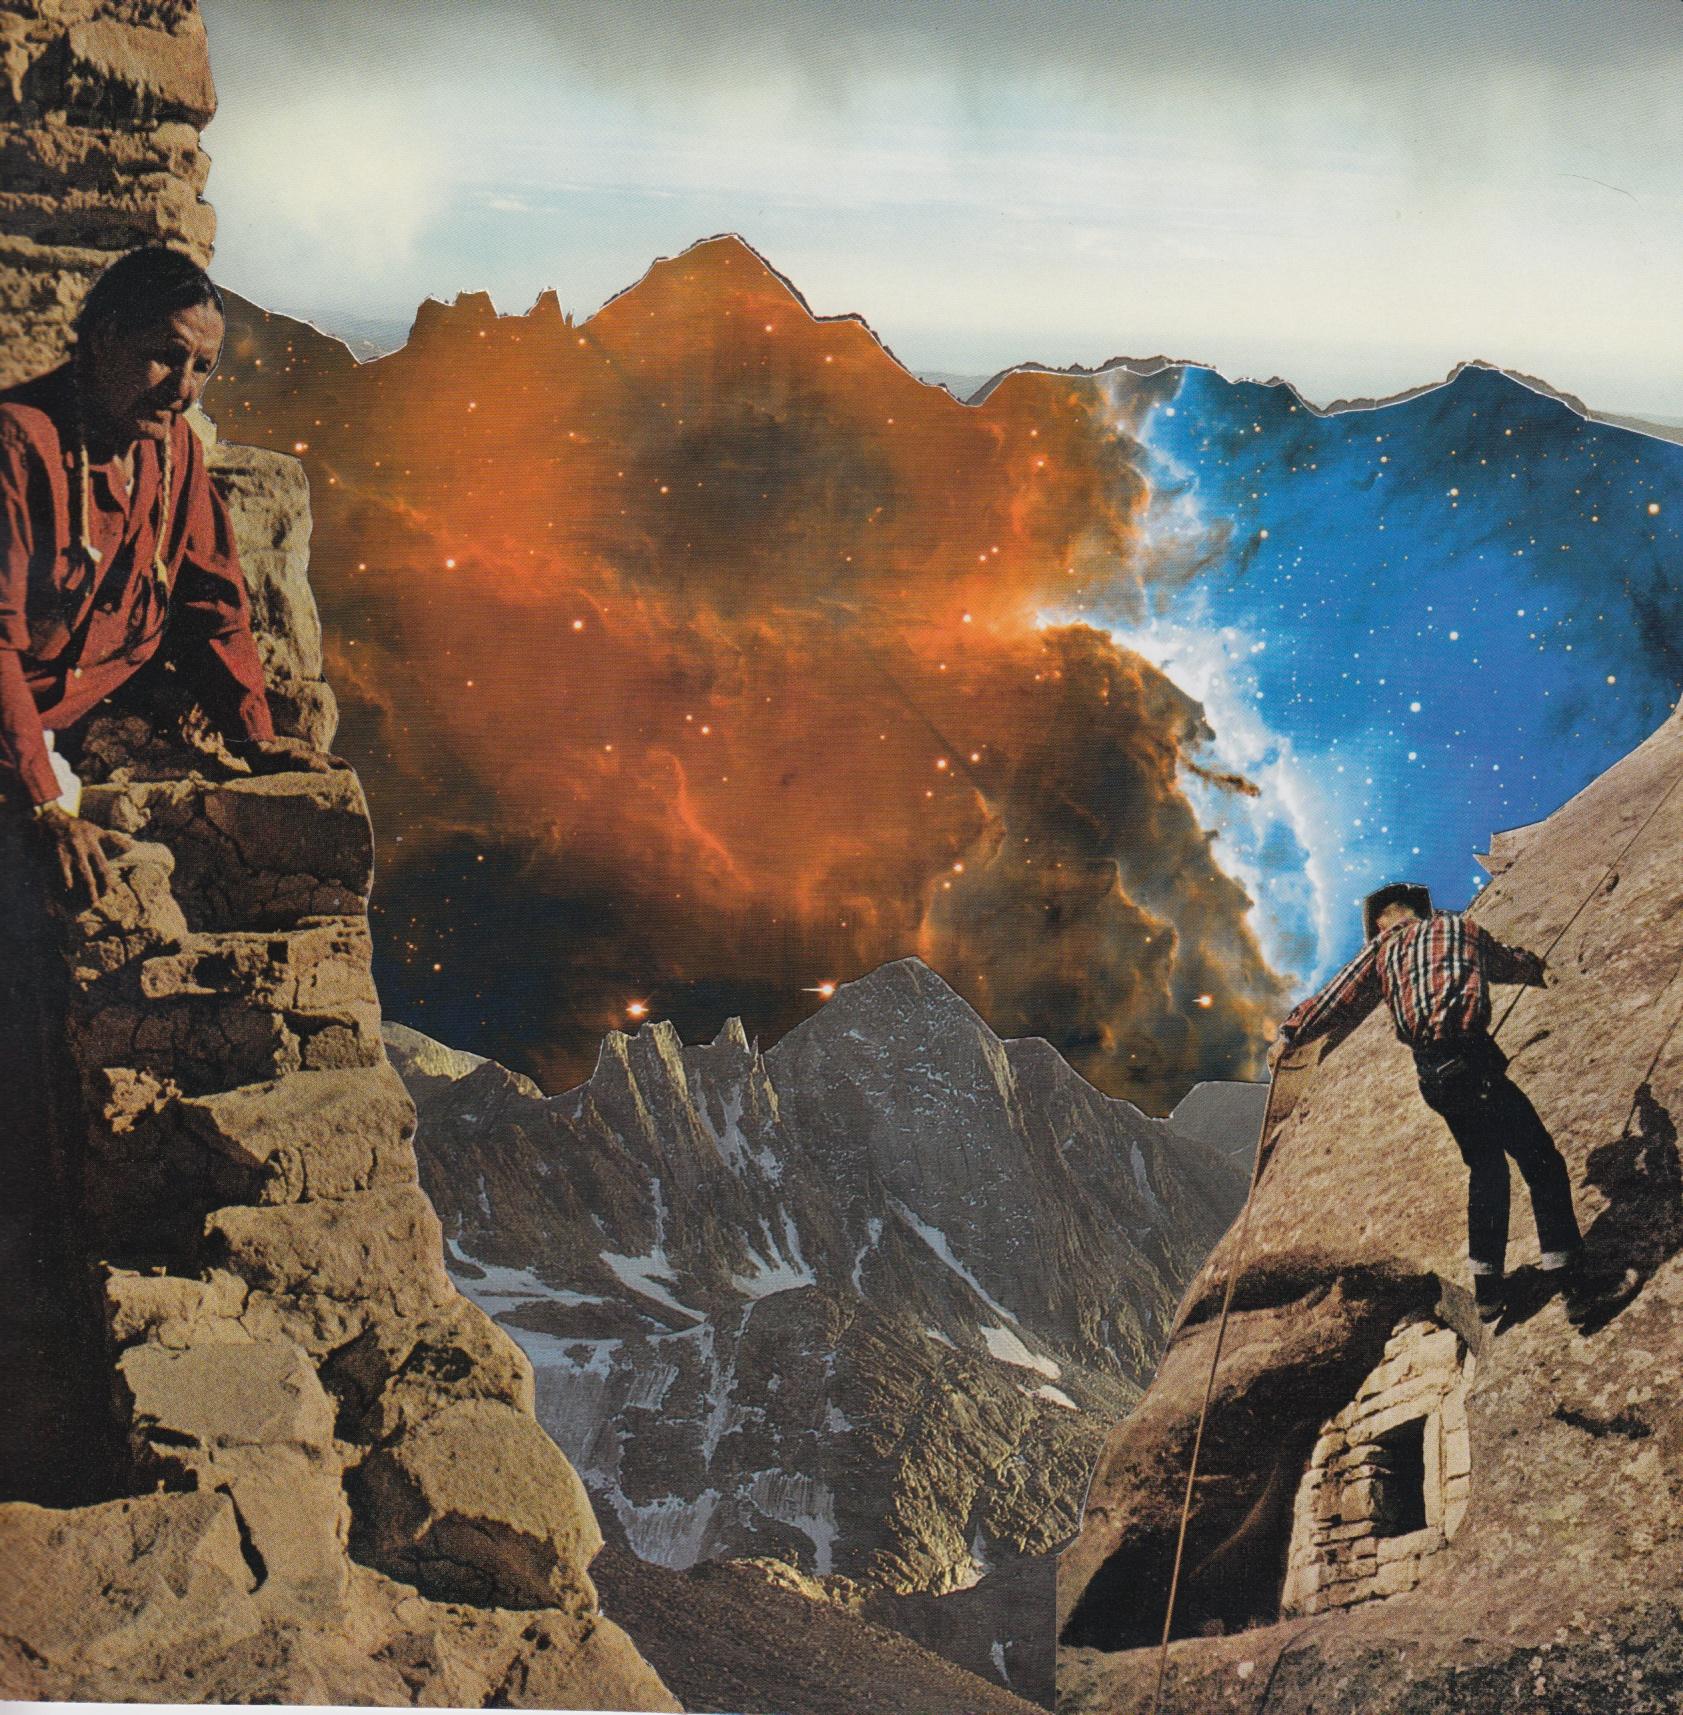 Infinities of cliffside dwellings